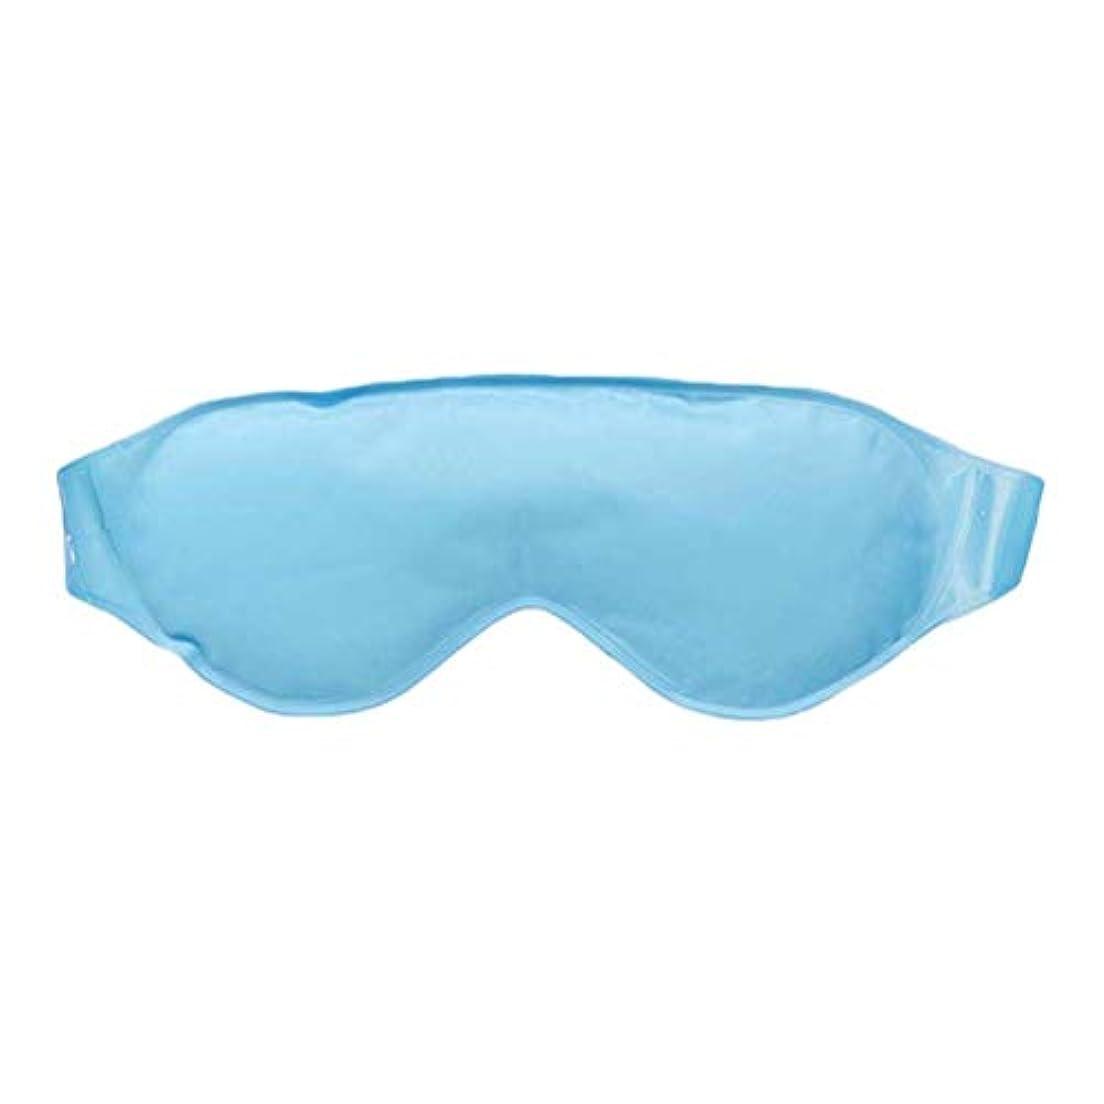 値下げ竜巻古いHEALIFTY 女性の男性のためのアイスアイマスクパッチ目隠し冷却リラックスブラインドパッチ